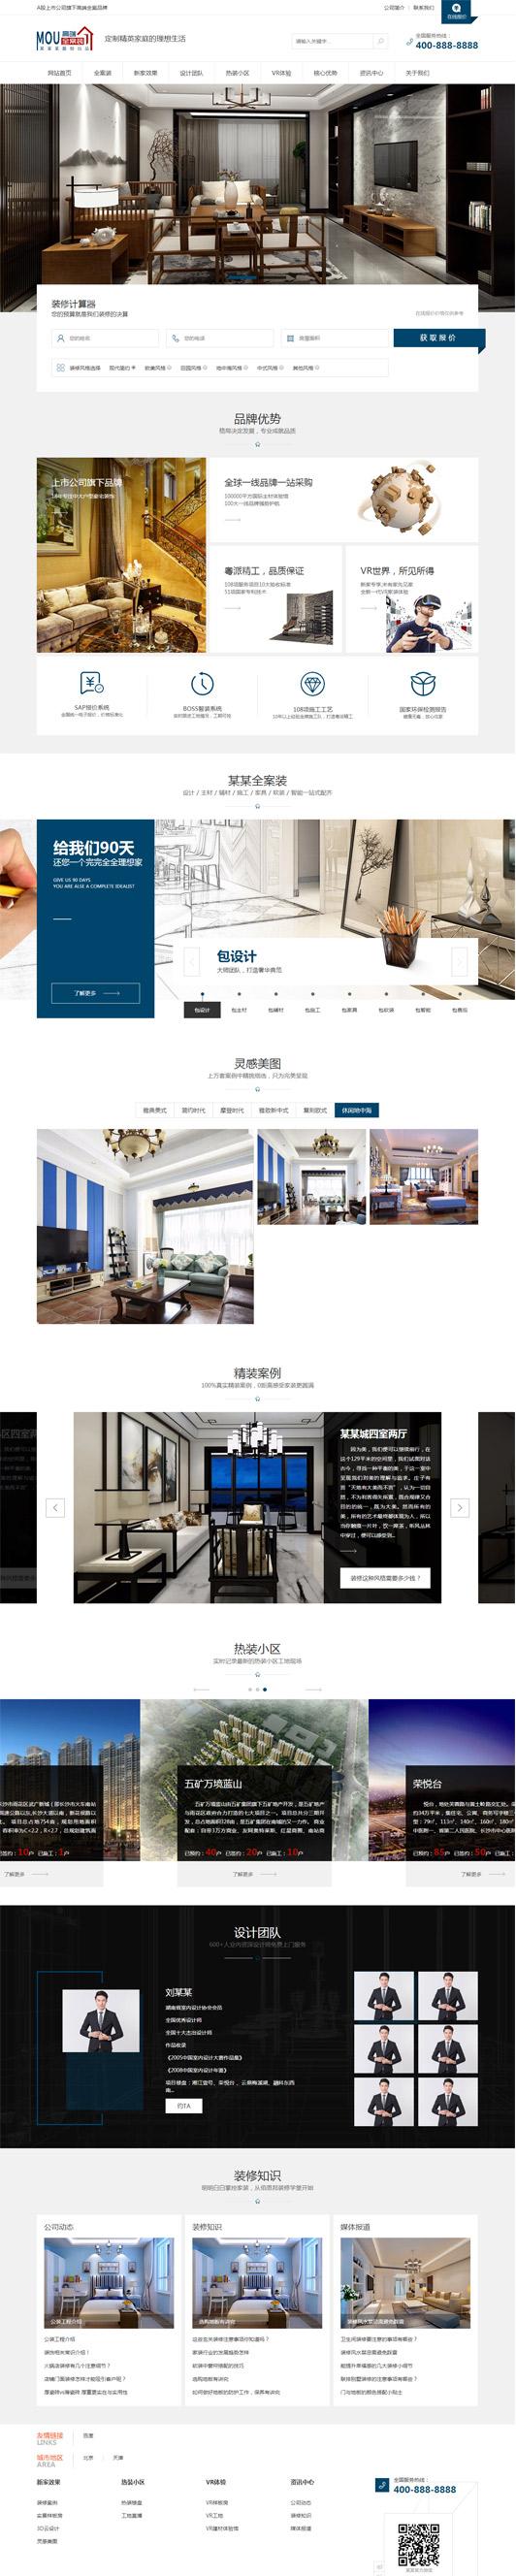 互联网全案家装公司网站营销式模板